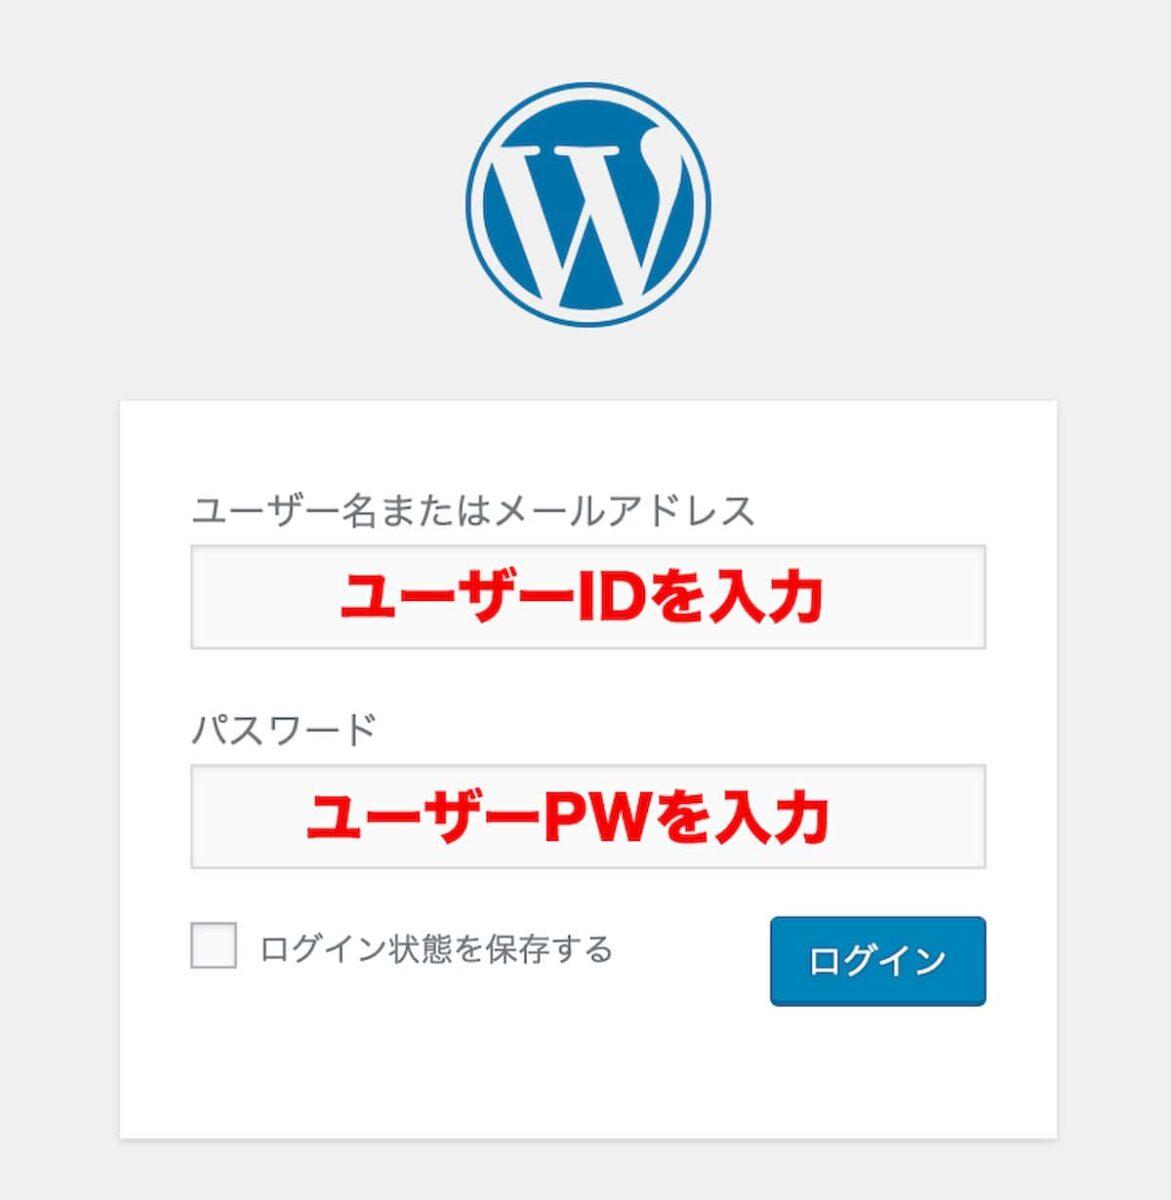 新しいwpxのレンタルサーバーのwordpressでwordpressテーマをセッティングする